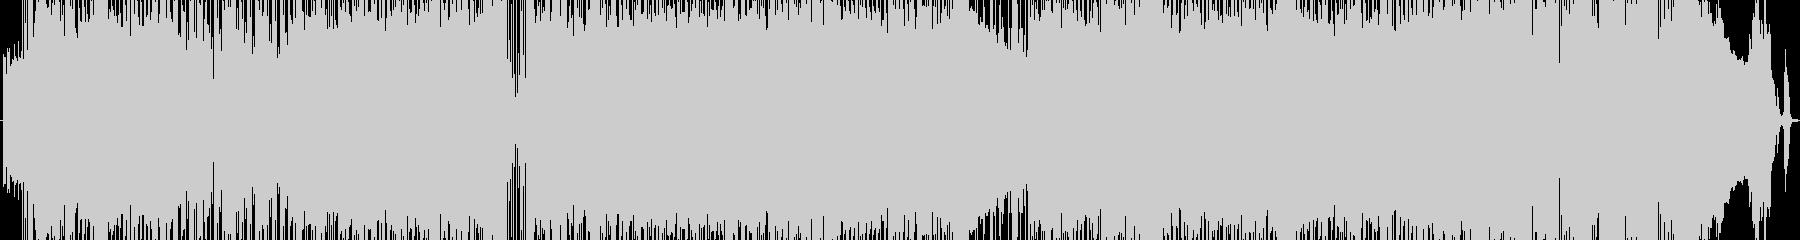 疾走感のあるロックサウンドディスコの未再生の波形